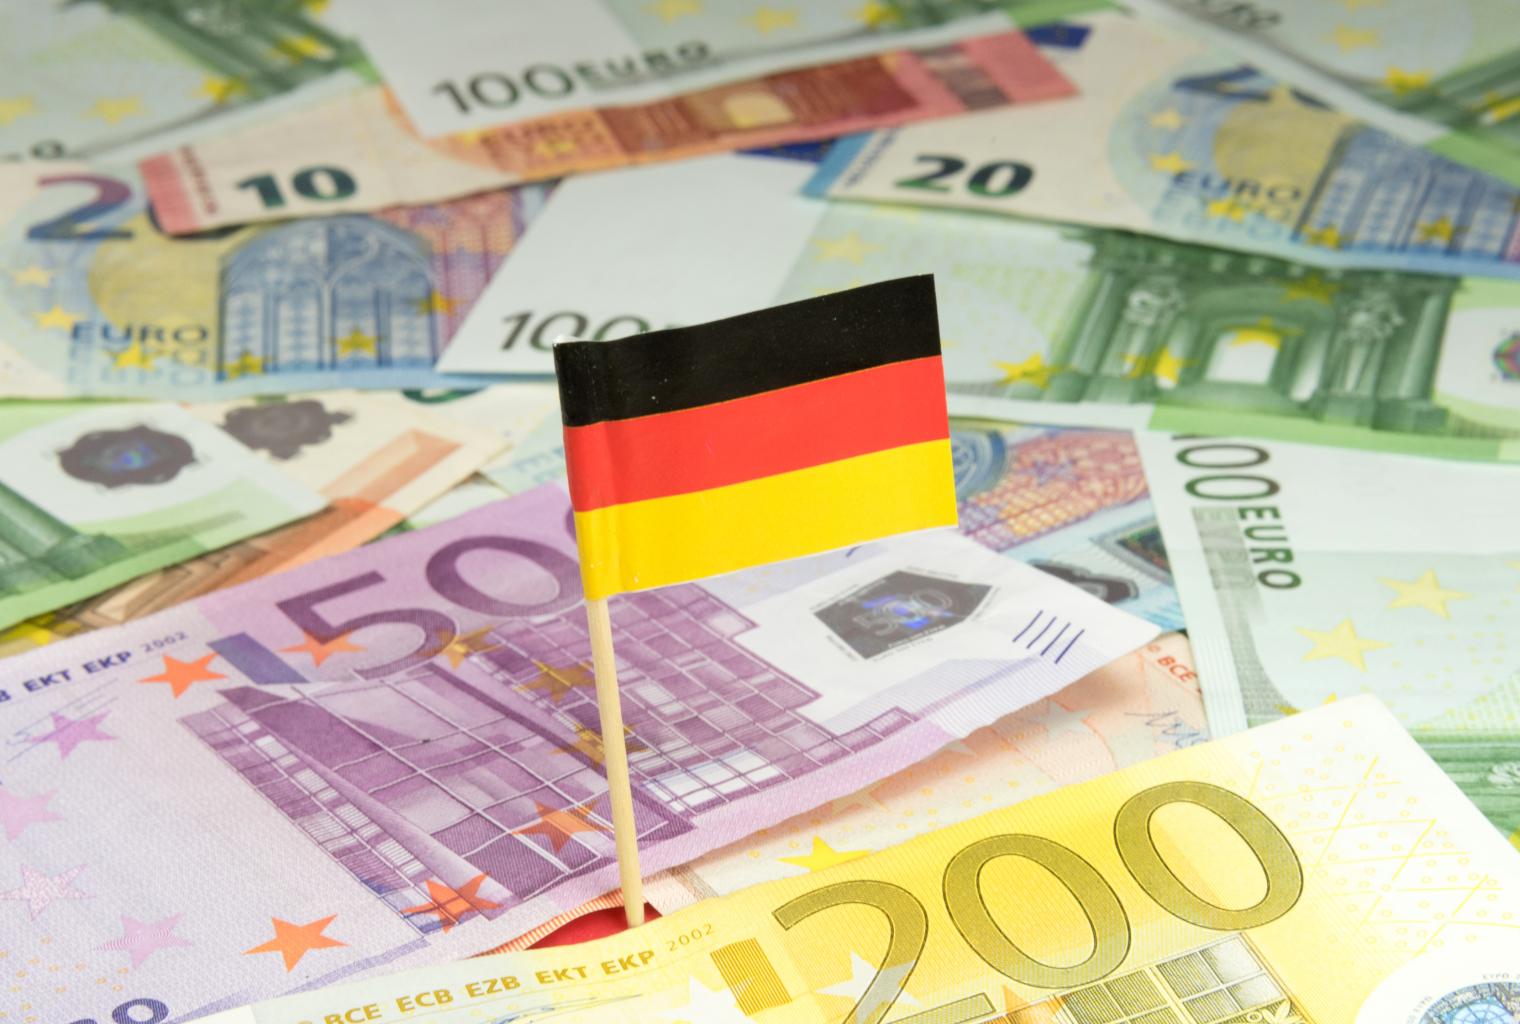 Encuesta: 58% de los bancos alemanes cobran tasas de interés negativas